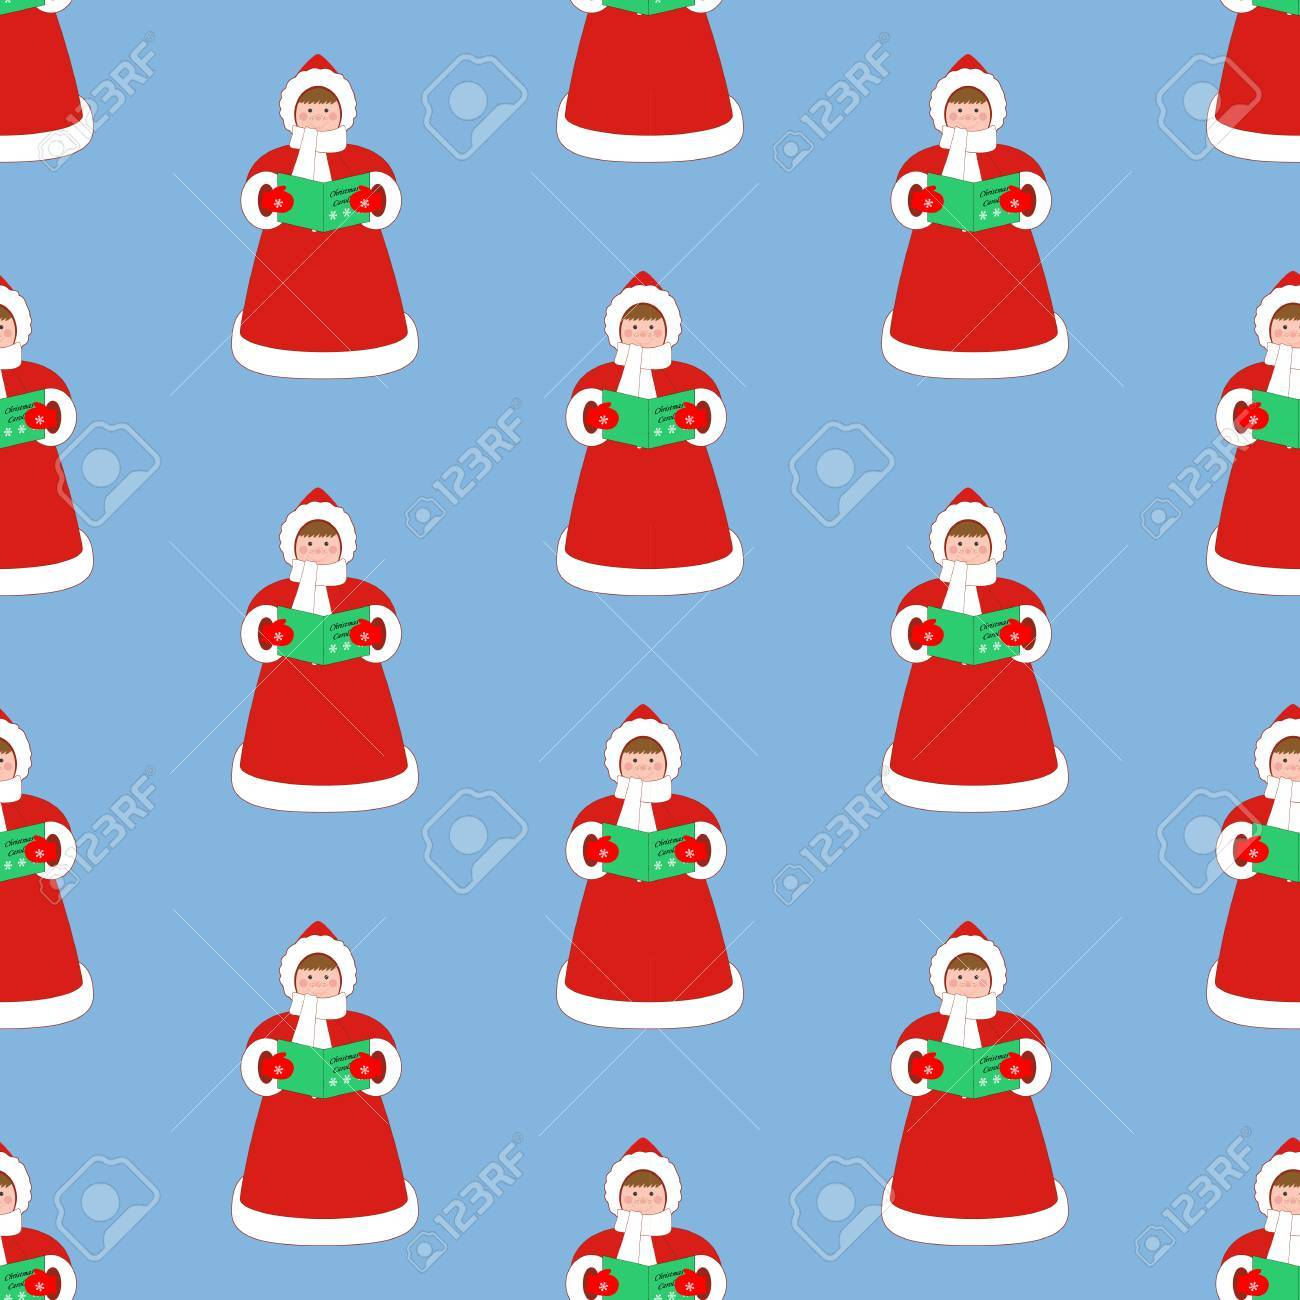 Weihnachtslied-Sängermuster Auf Dem Blauen Hintergrund. Vektor ...